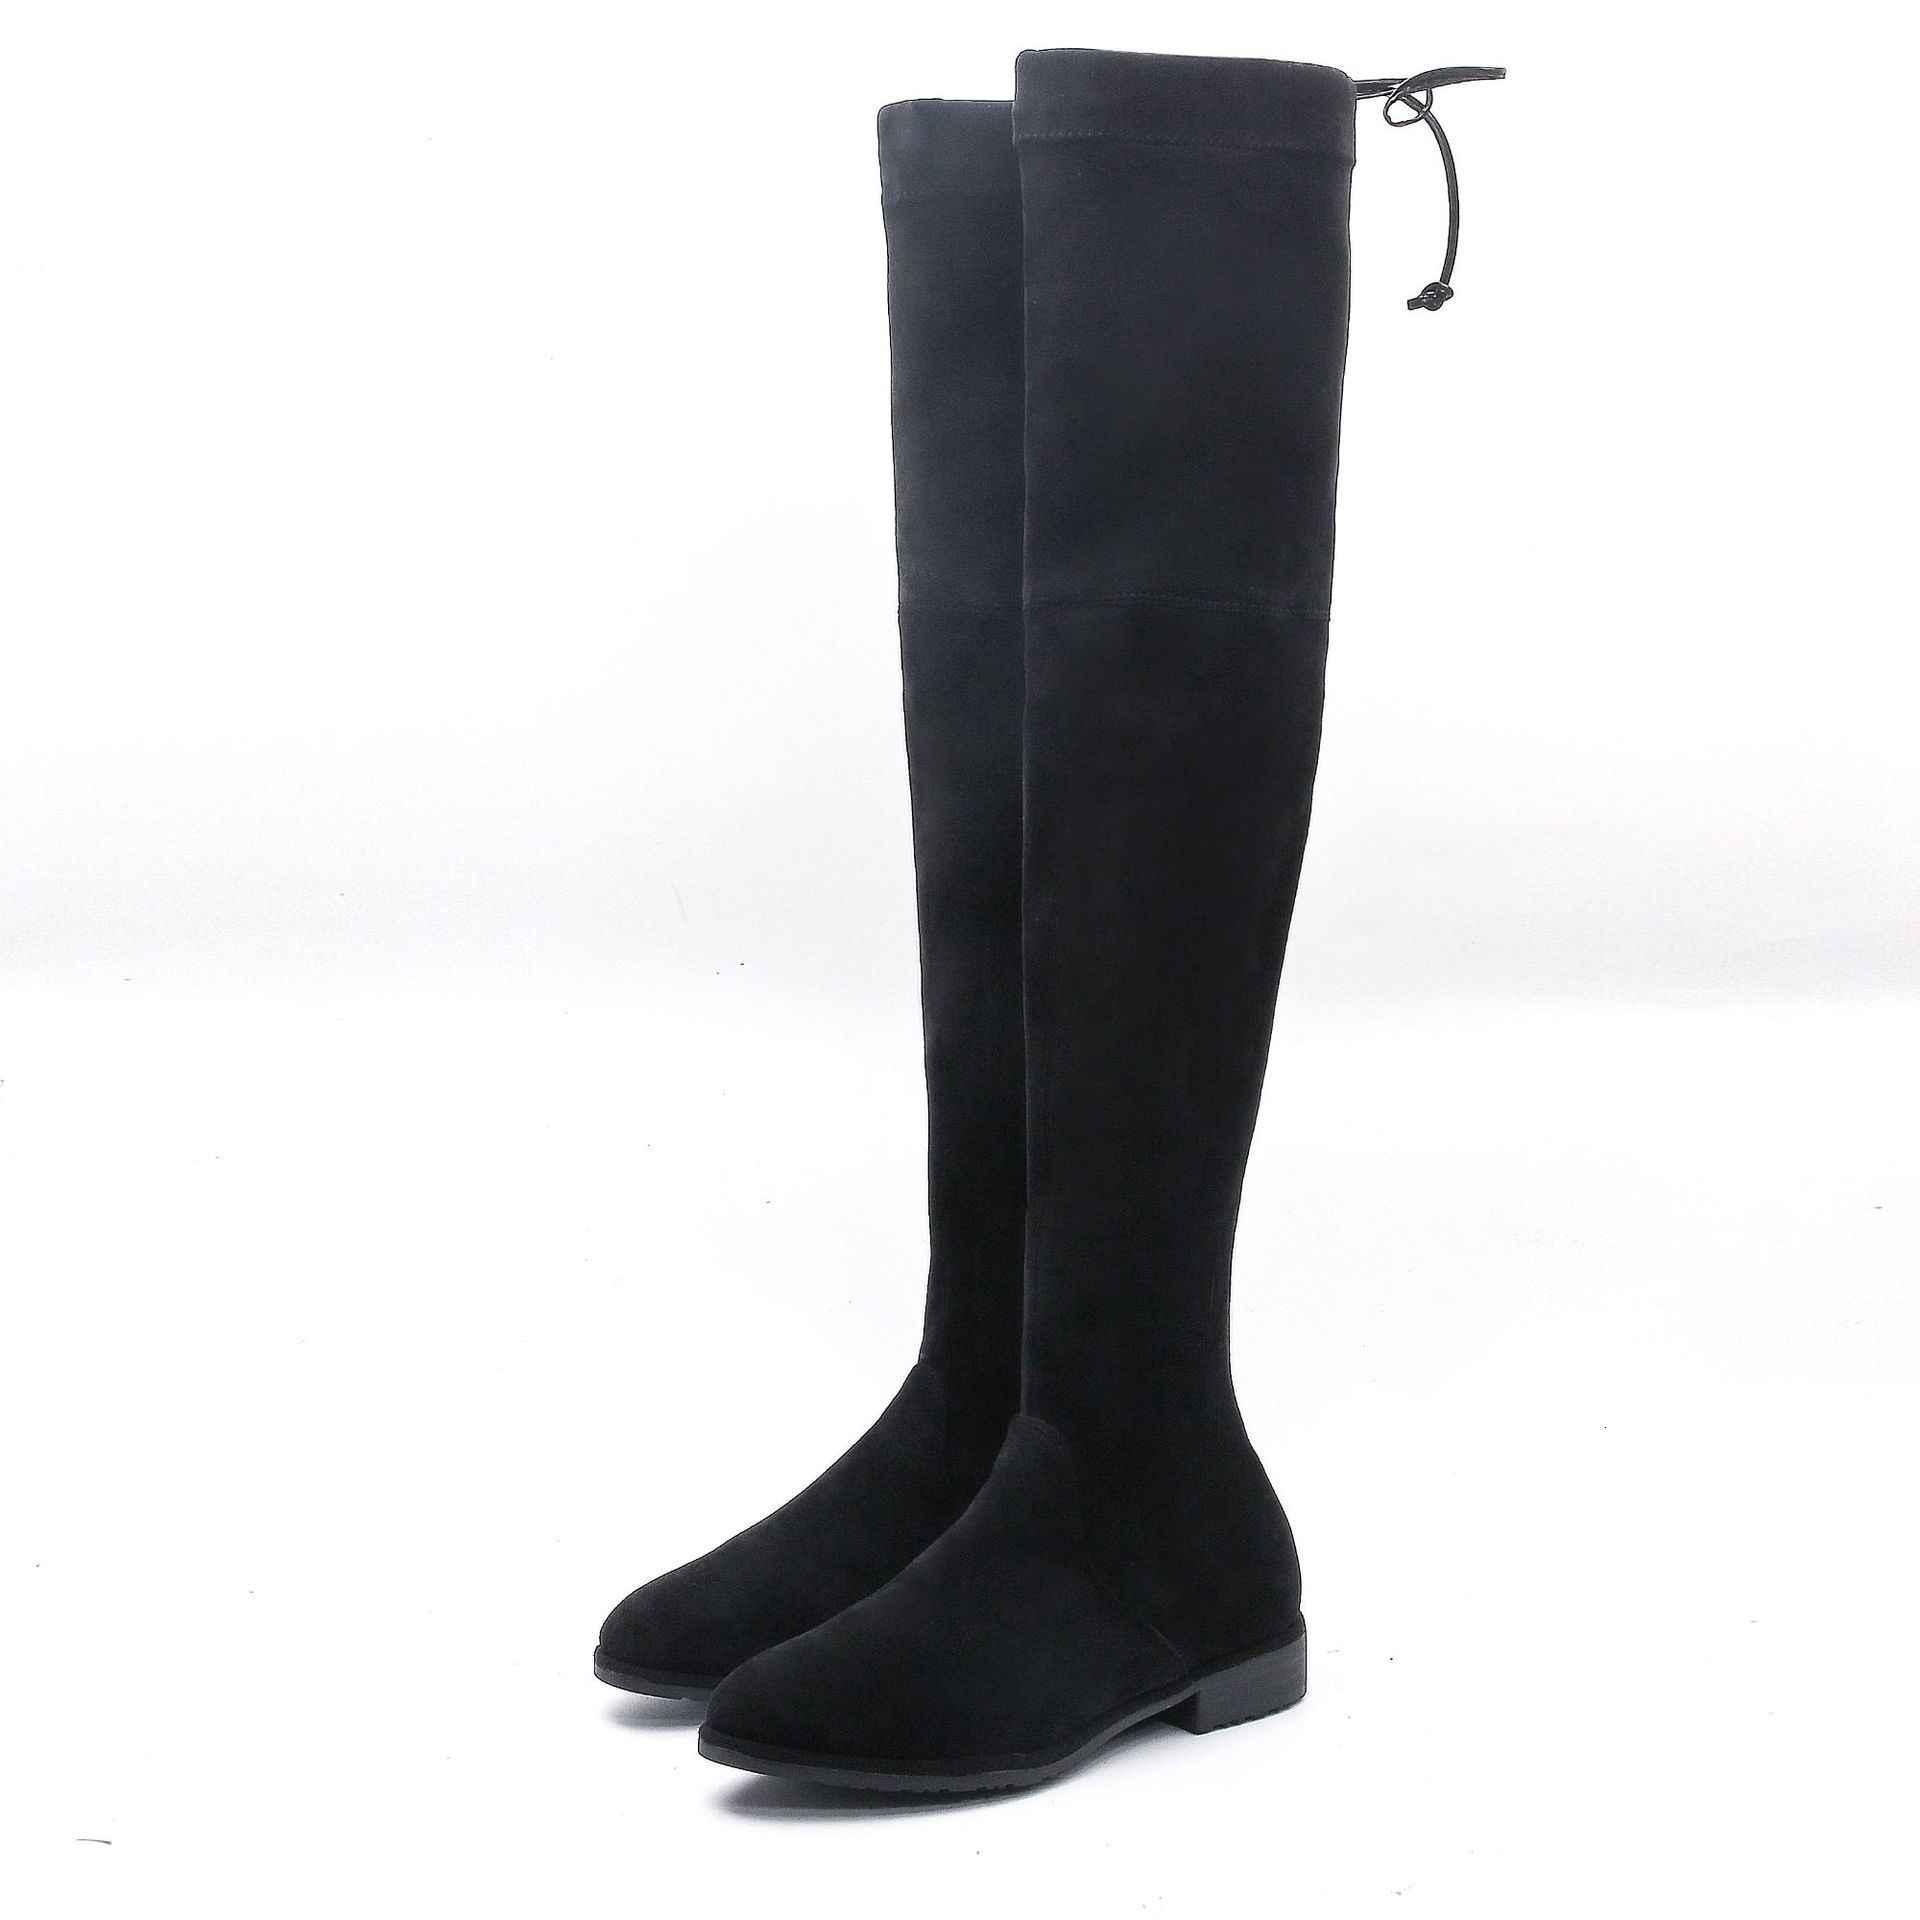 Dij laarzen platte overknee 2019 Seizoen Overknee Lange Laarzen Vrouw Overknee Hoge Verhogen Elastische Laarzen Vrouw